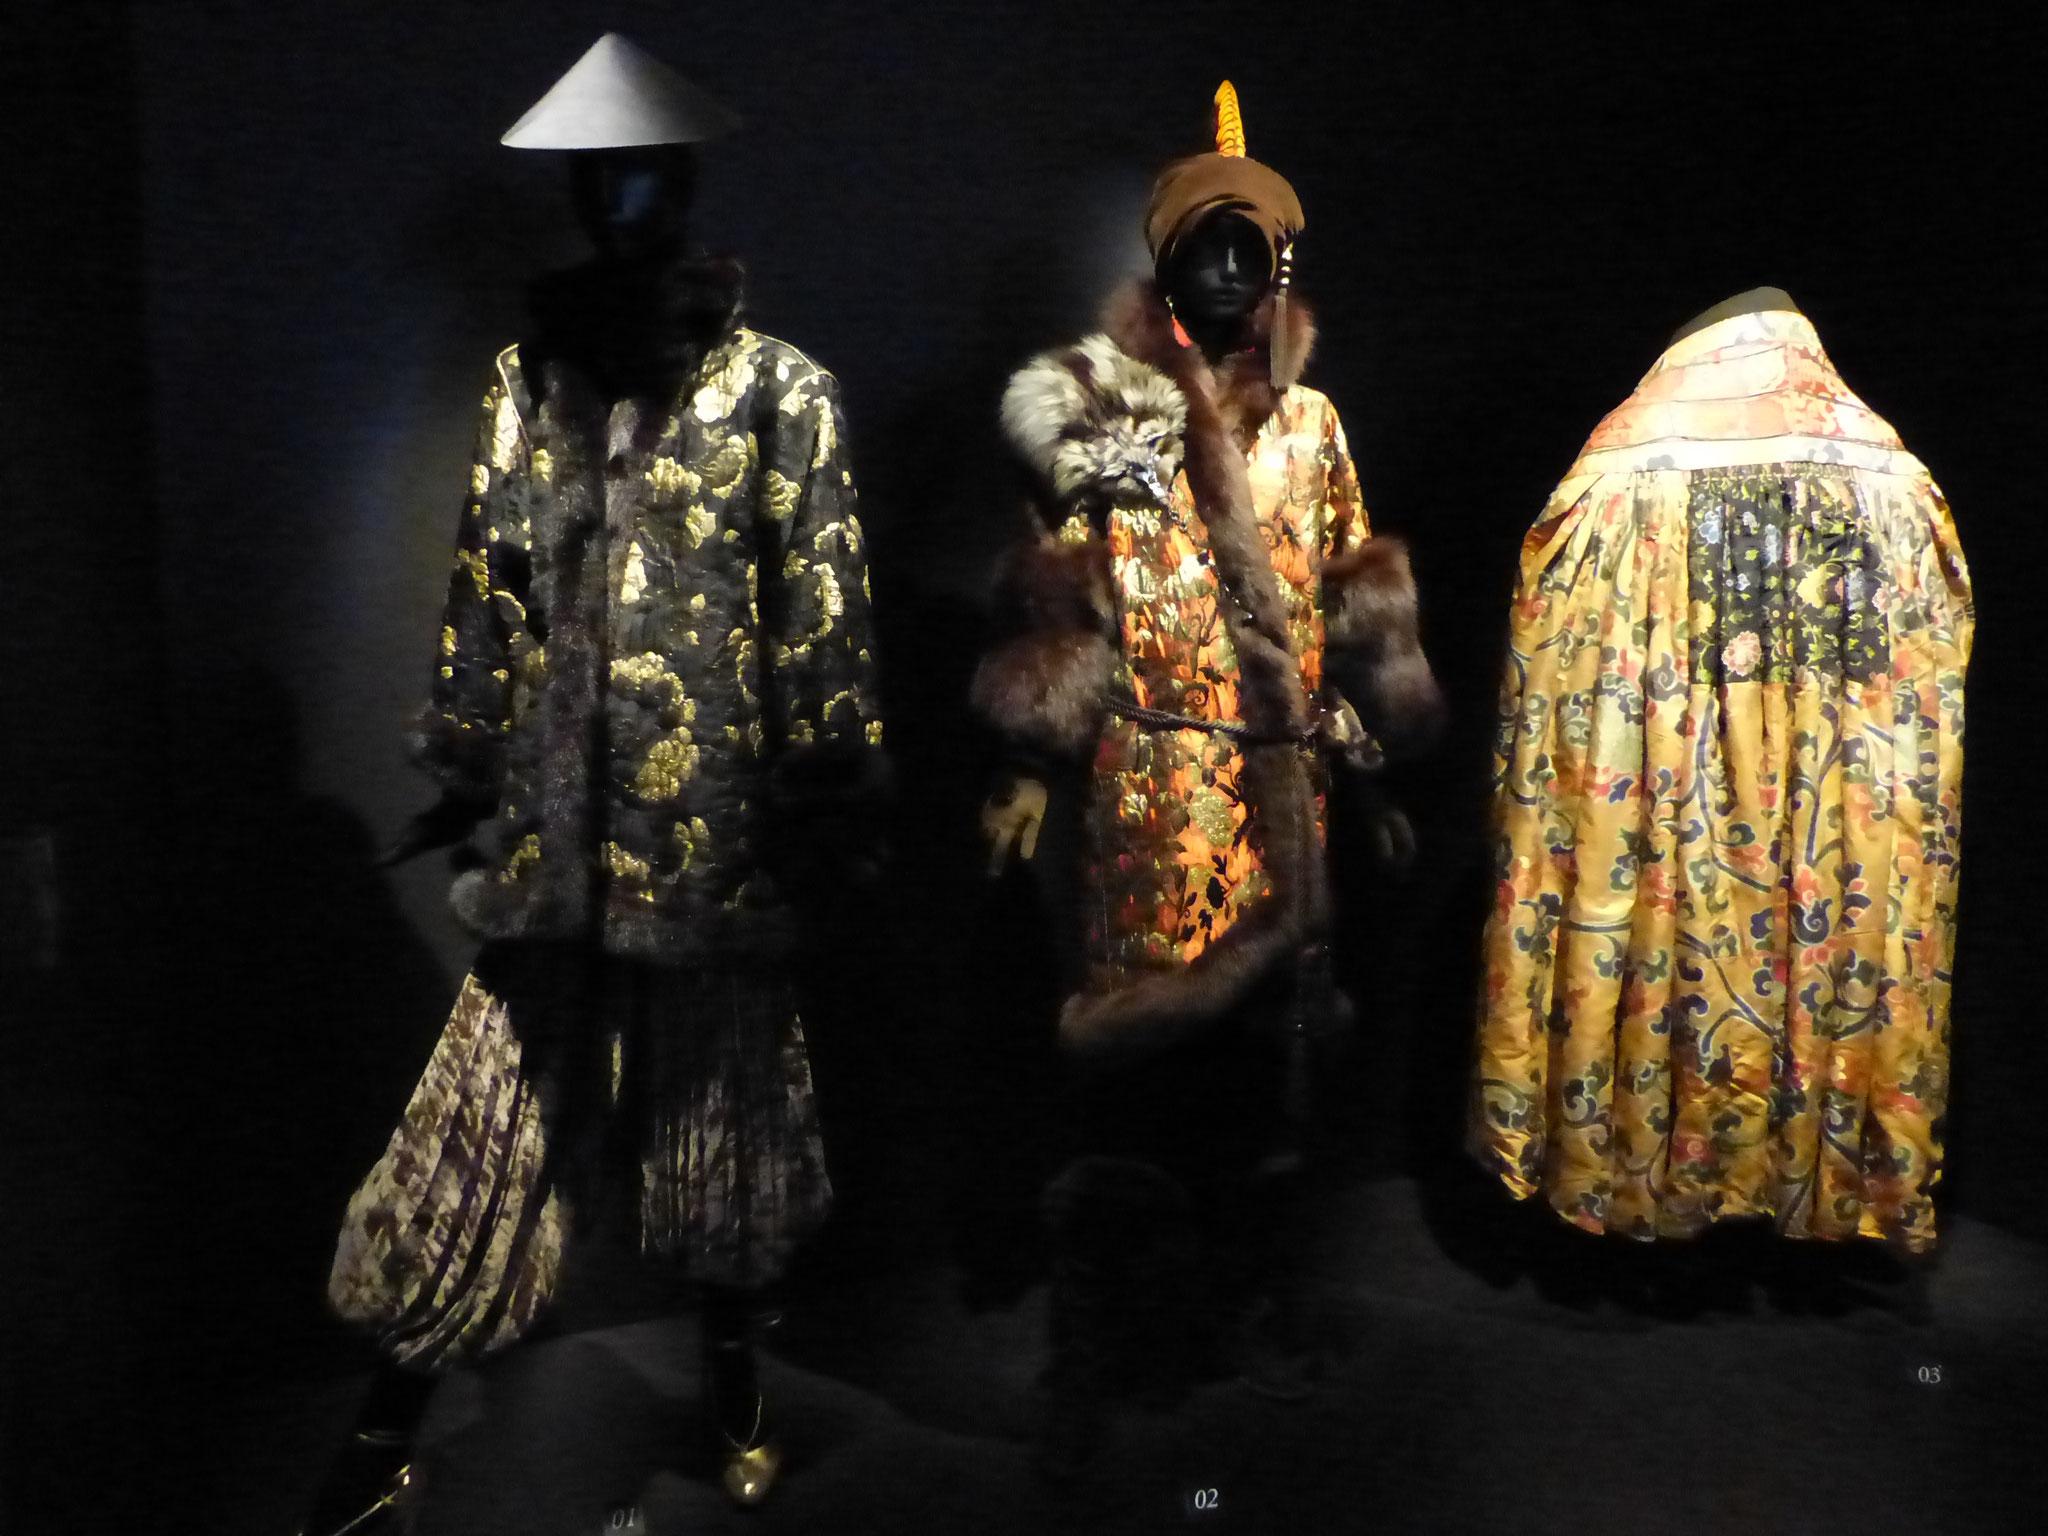 Vêtements de soie damassé et lamé